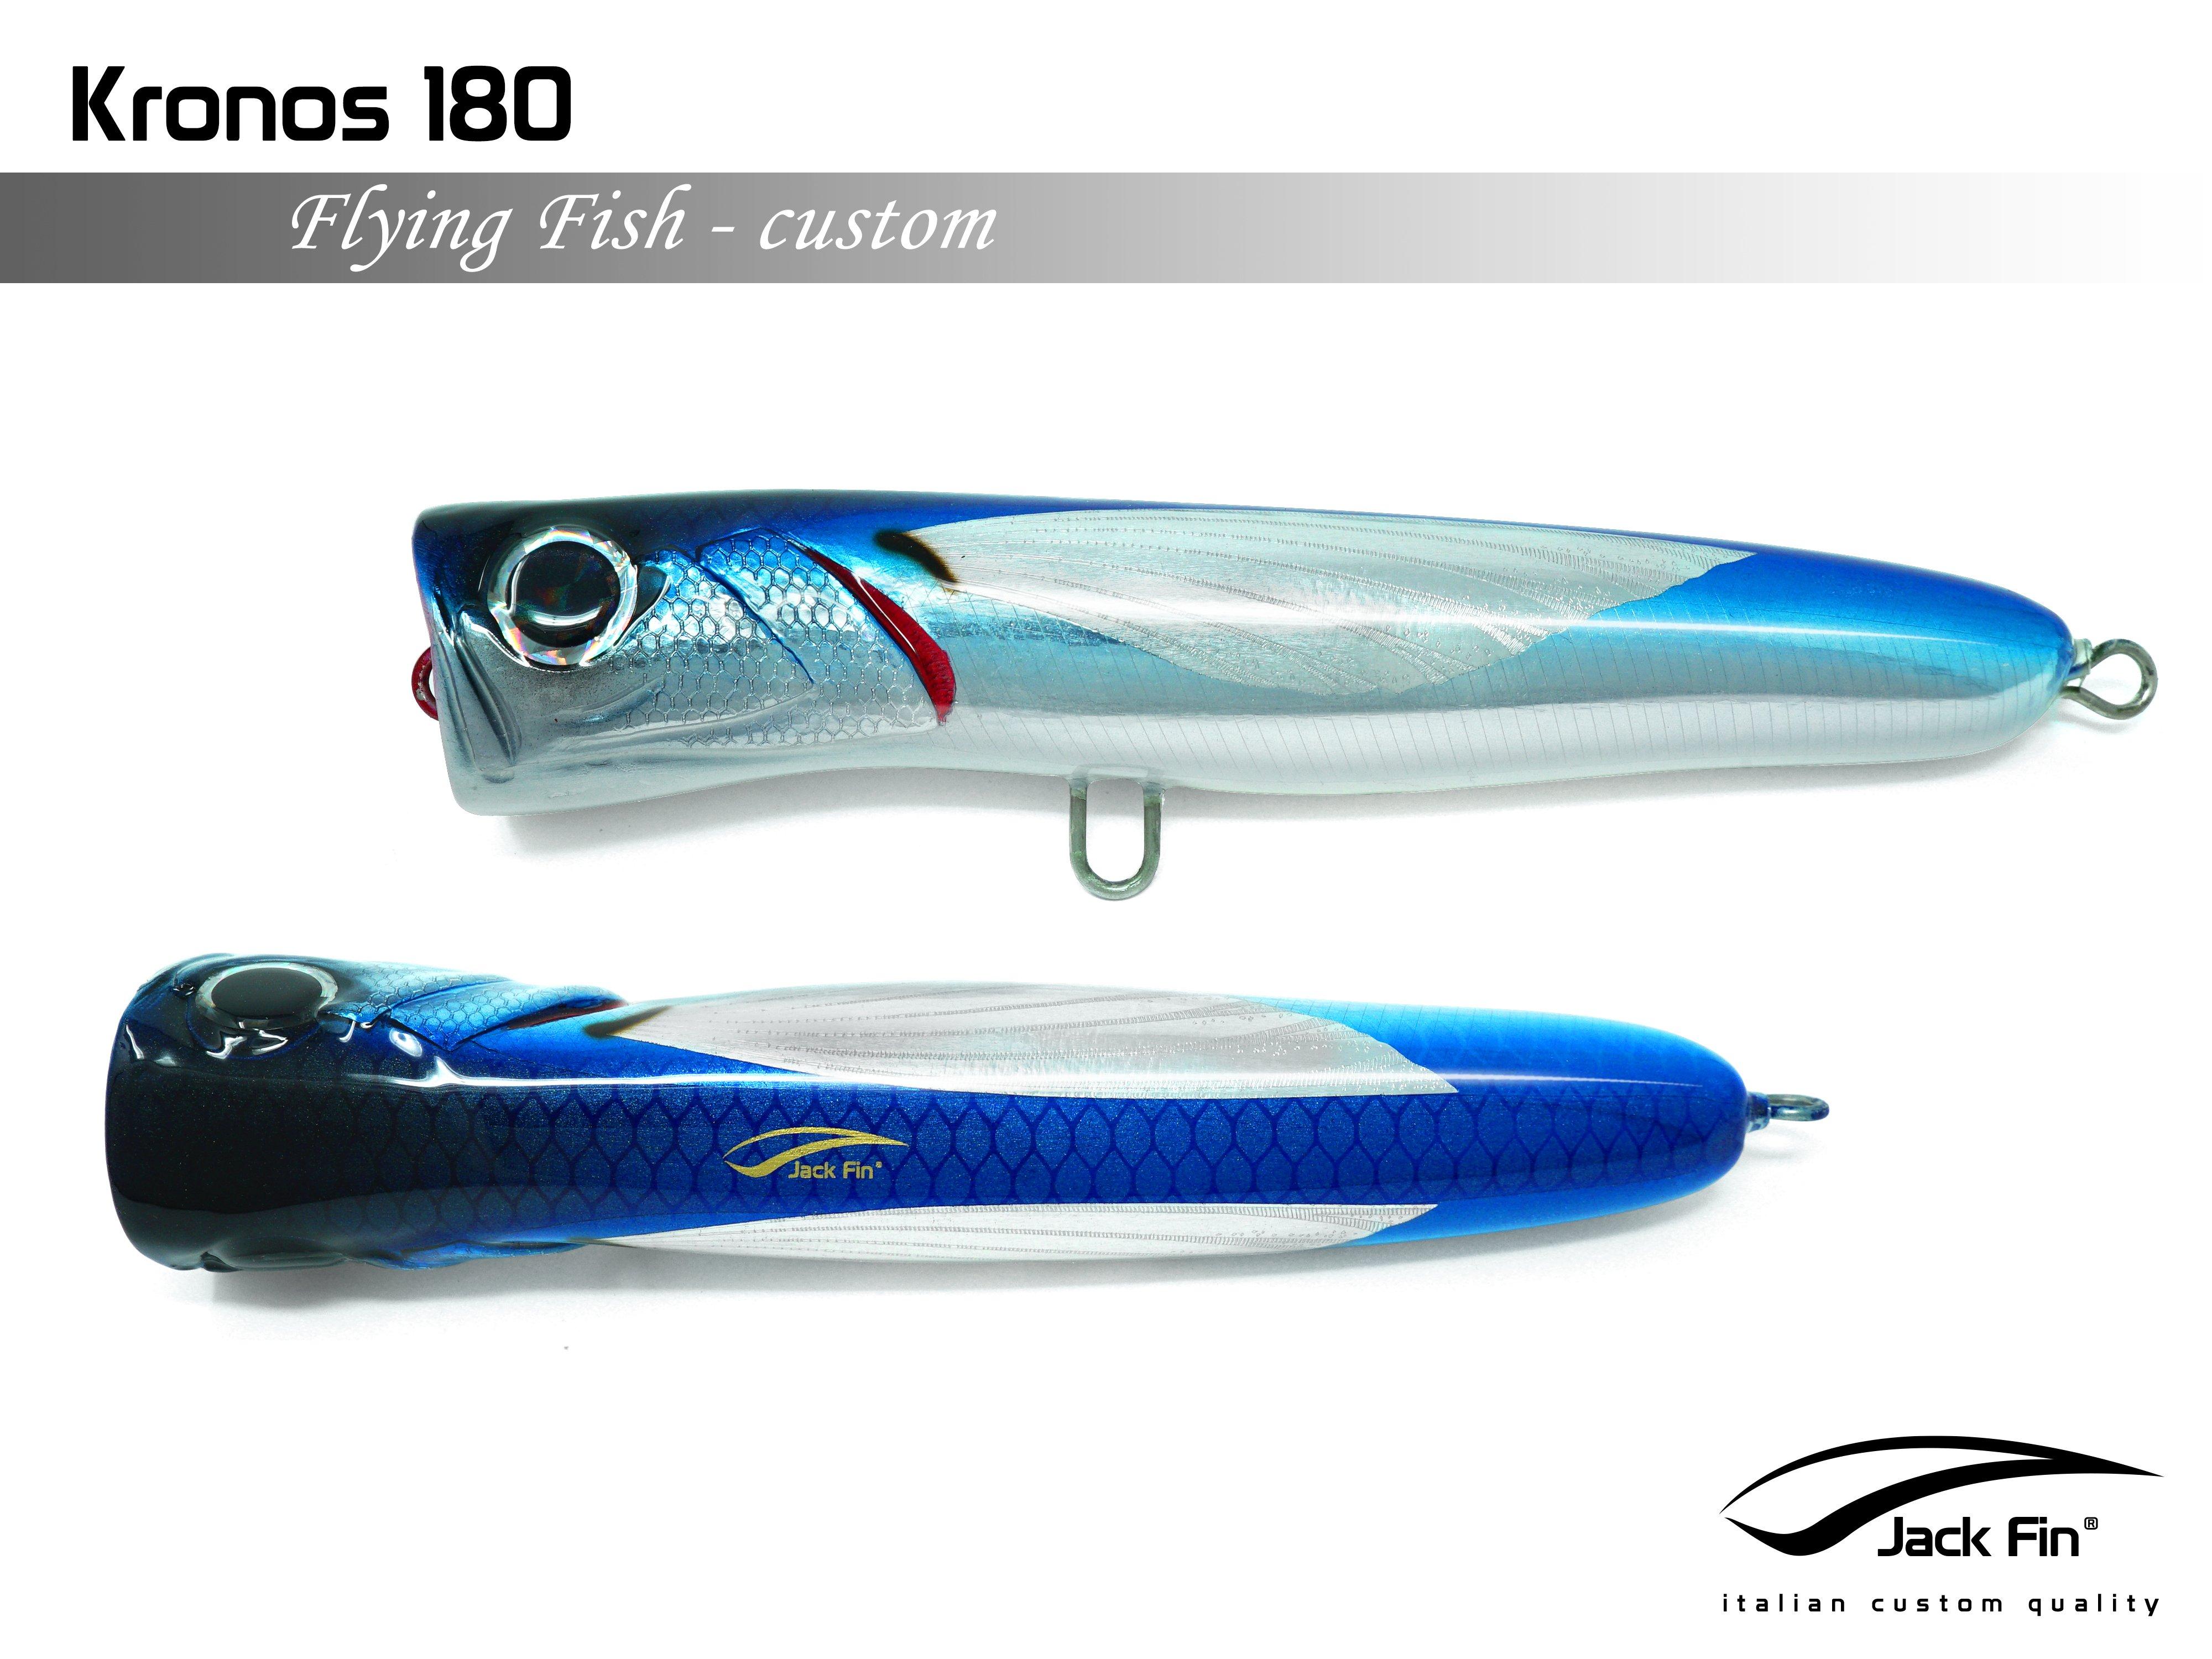 KRONOS180_FlyingFish-custom.jpg